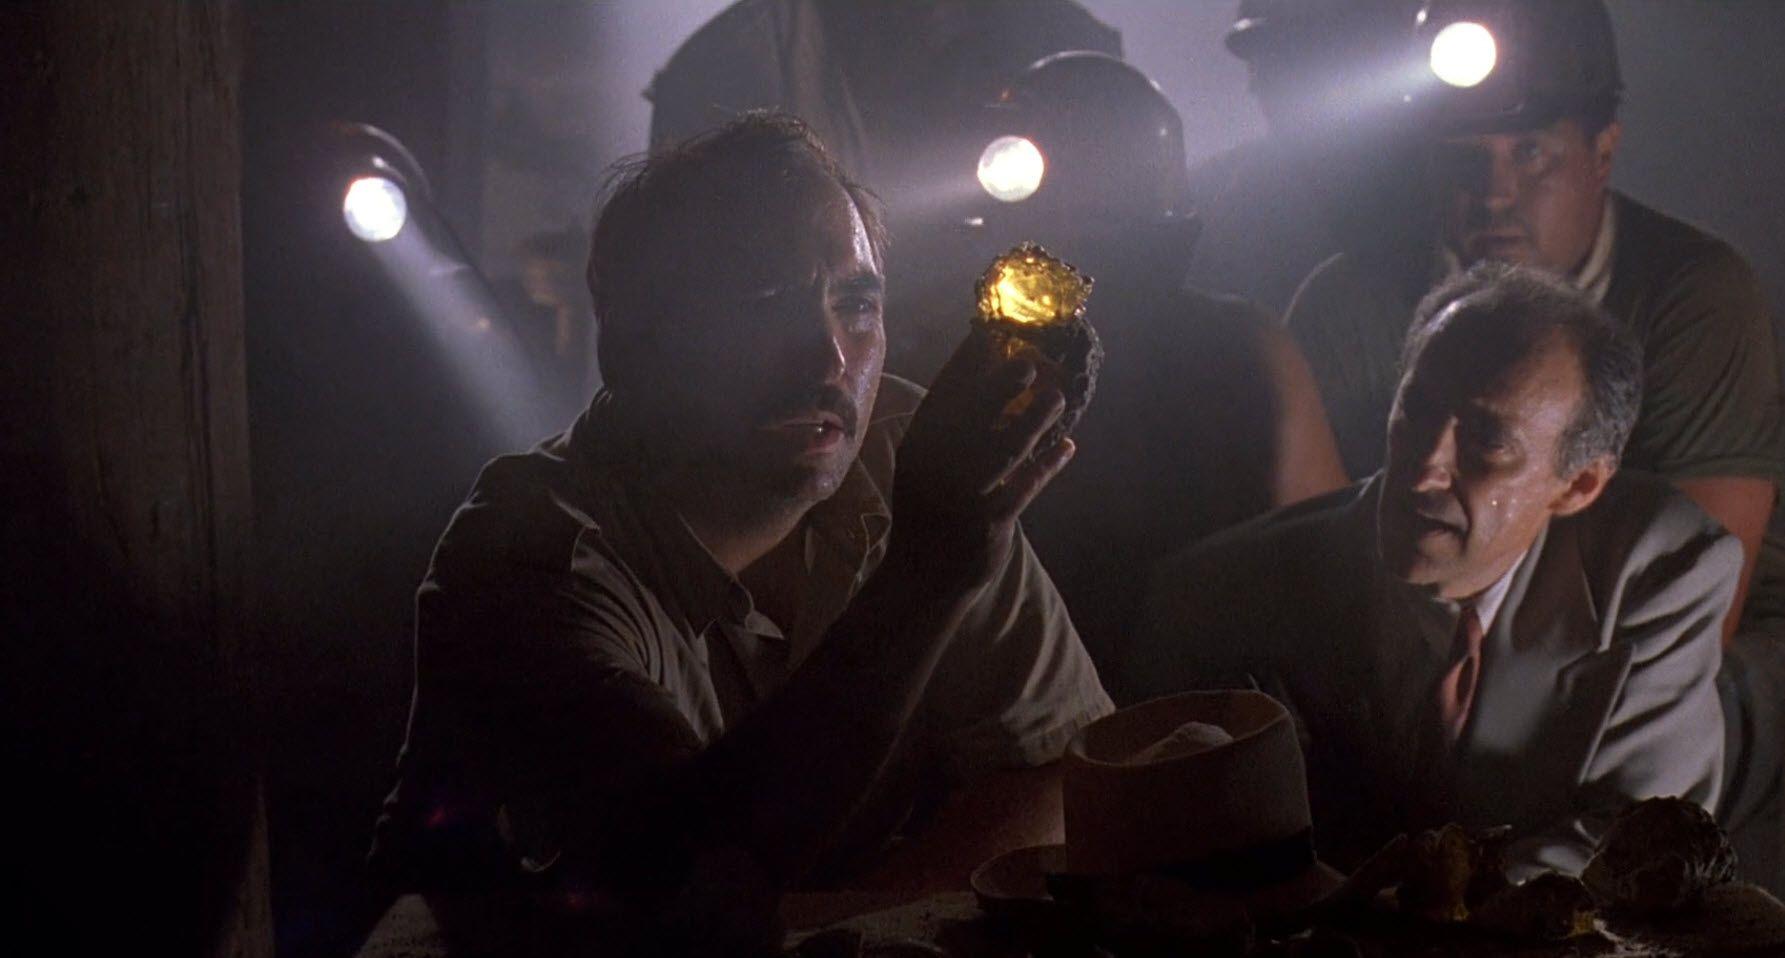 Jurassic park card 3 by chicagocubsfan24 on deviantart - Miguel Sandoval In Jurassicpark 1993